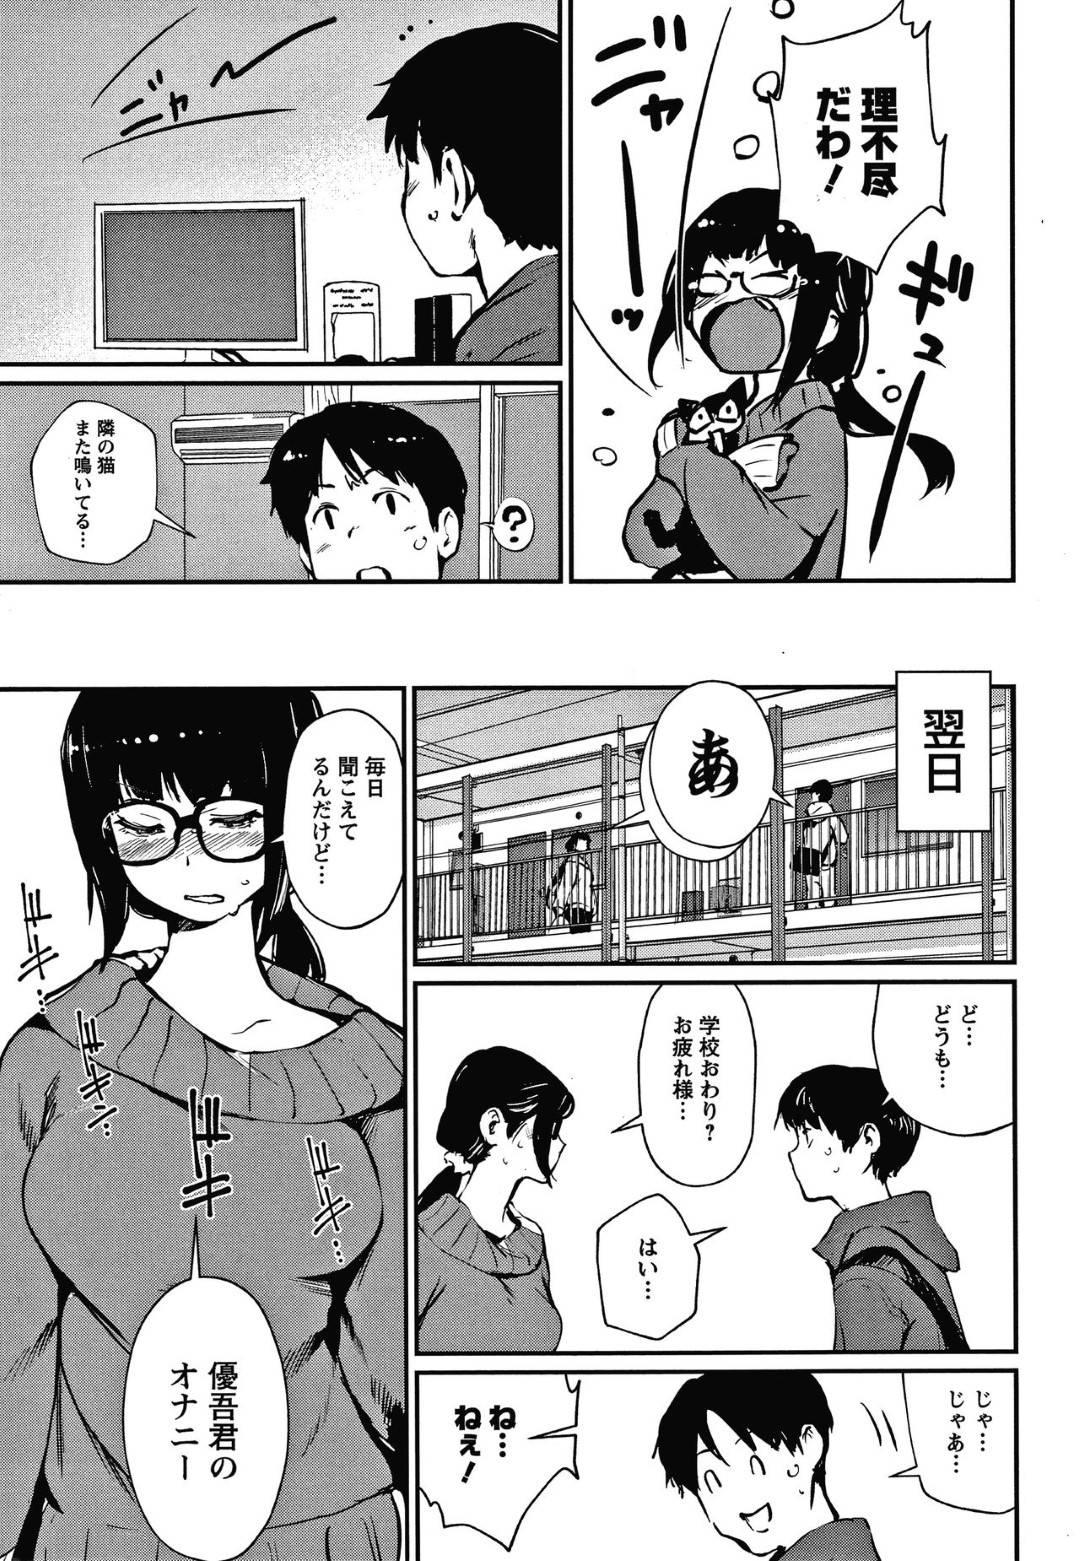 【エロ漫画】毎日のように隣の大学生のオナニーする声をおかずにオナニーする欲求不満な眼鏡お姉さん。しびれを切らした彼女は彼の事を誘惑し、そのままアパートの通路で駅弁や立ちバックなどの体位で野外セックスしてしまう。【シオマネキ:トナリの欲求不満】